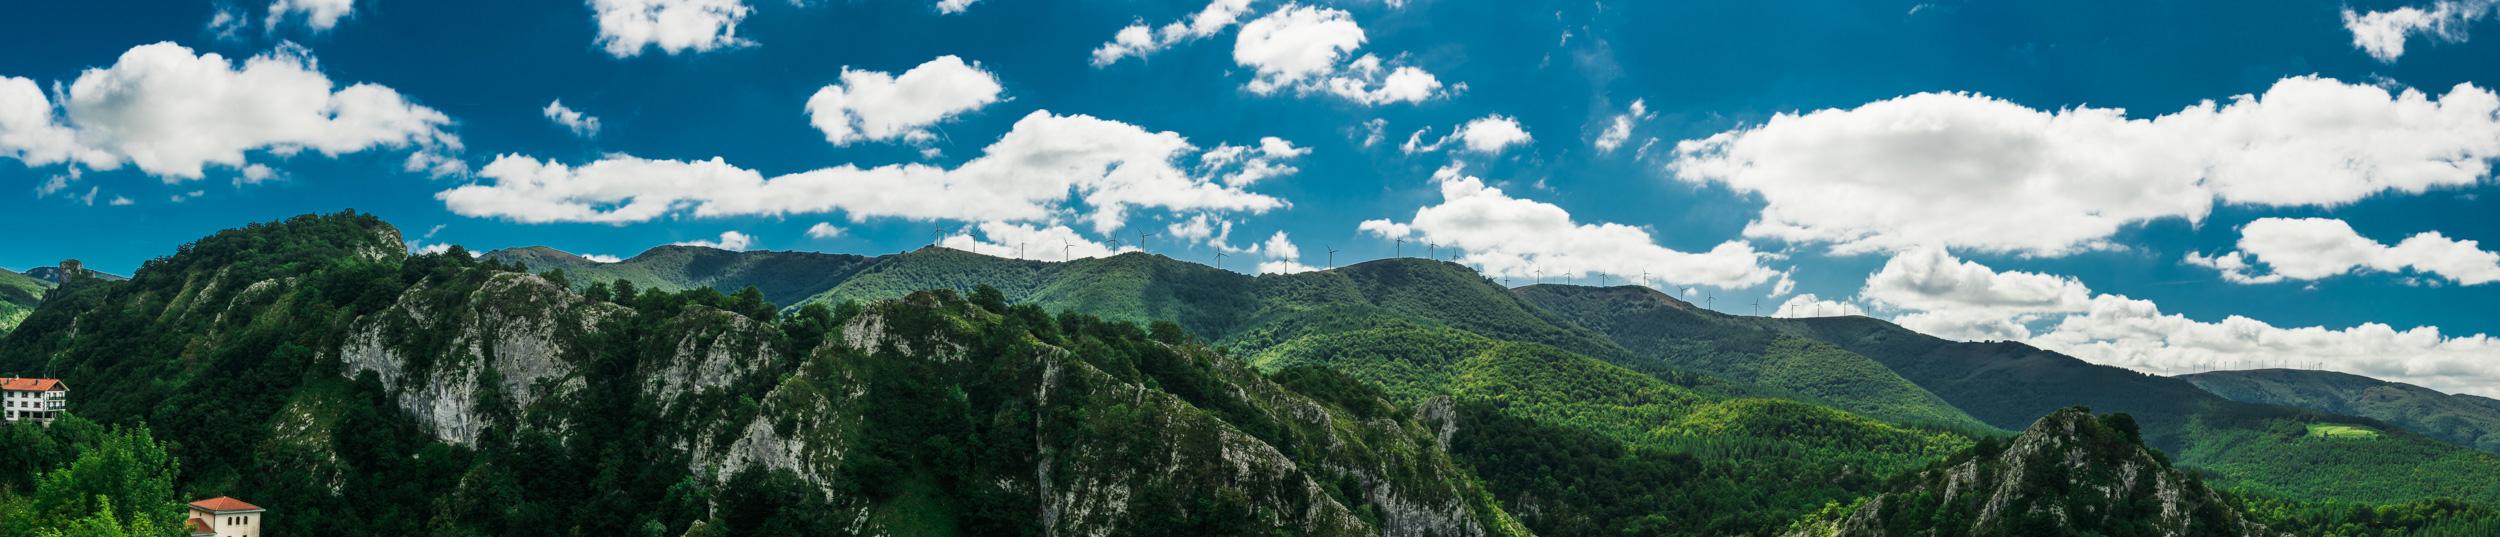 Arantzazu Gipuzkoa landscape Pano.jpg